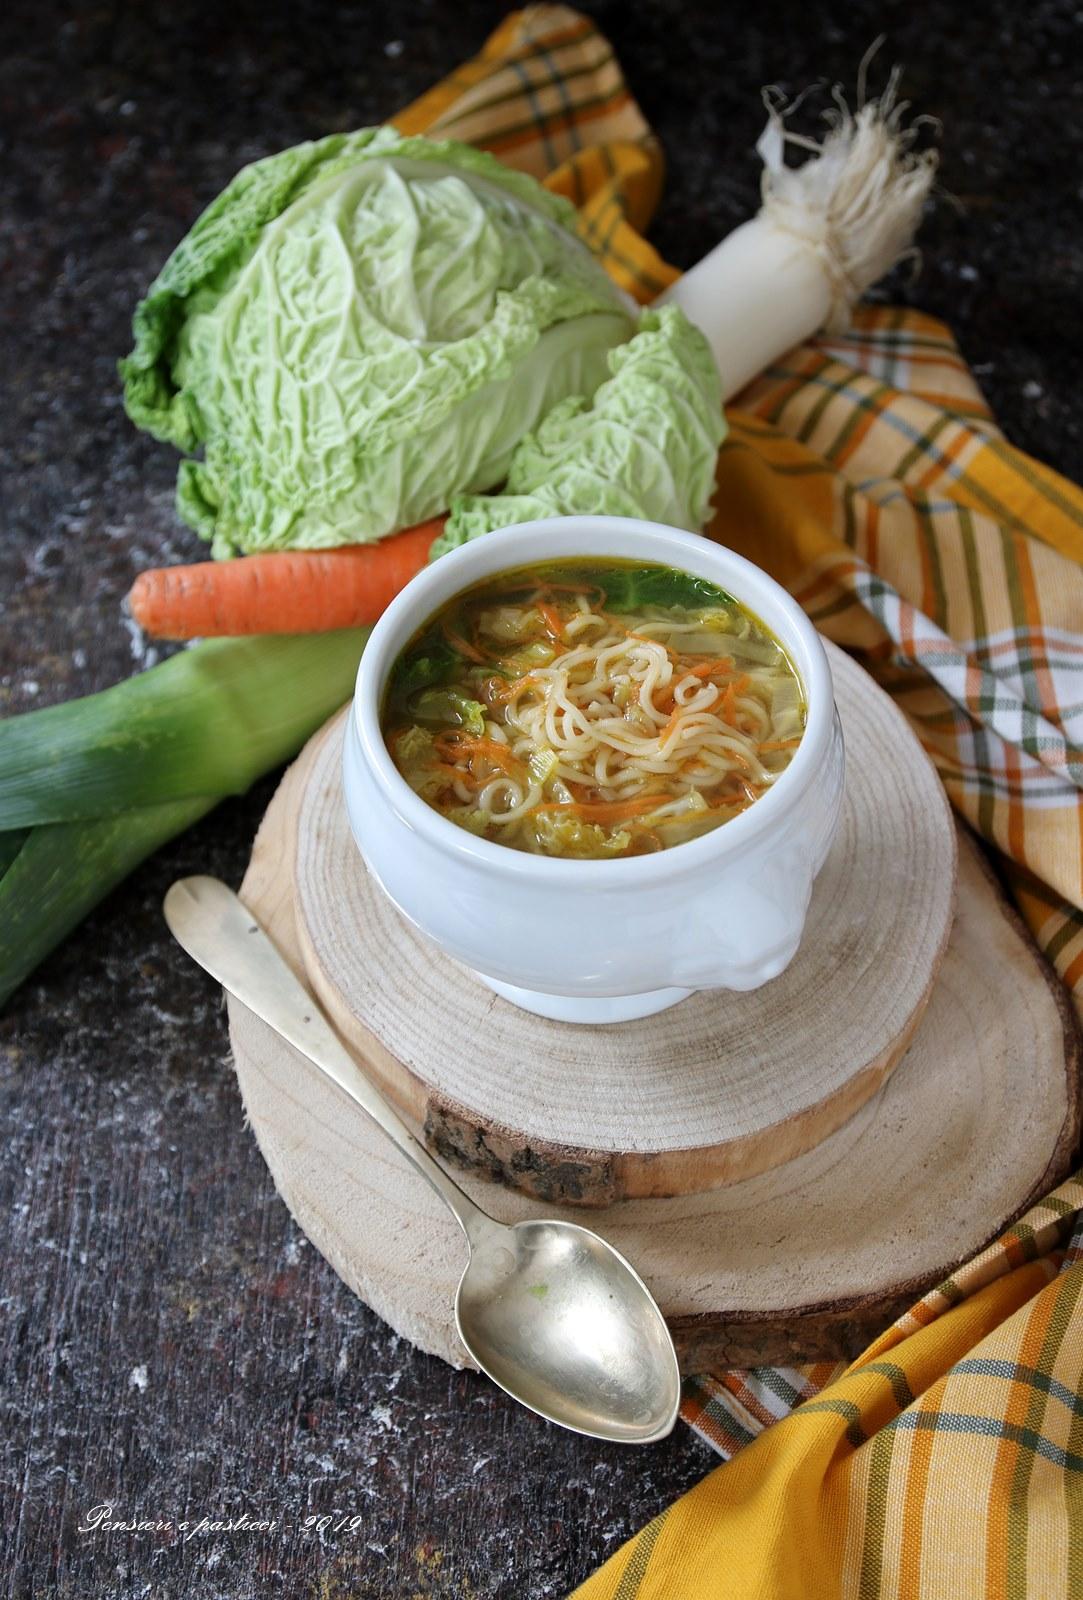 zuppa di noodles e verdure al tè Genmaicha con matcha